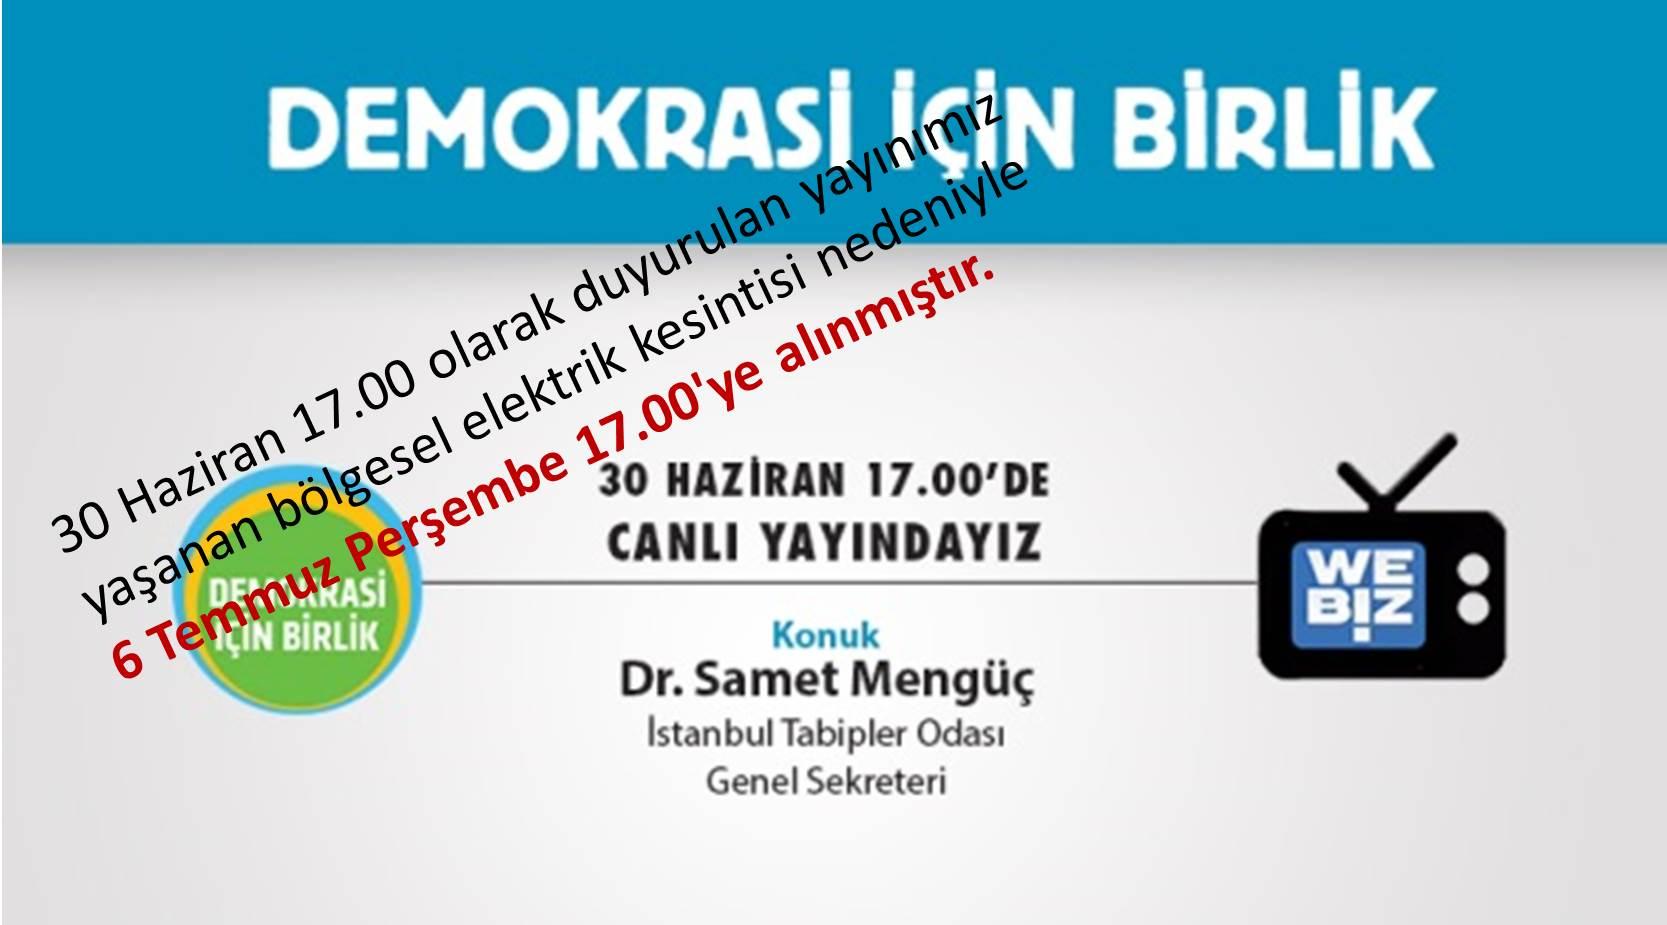 Demokrasi İçin Birlik @webiz_tv'de…